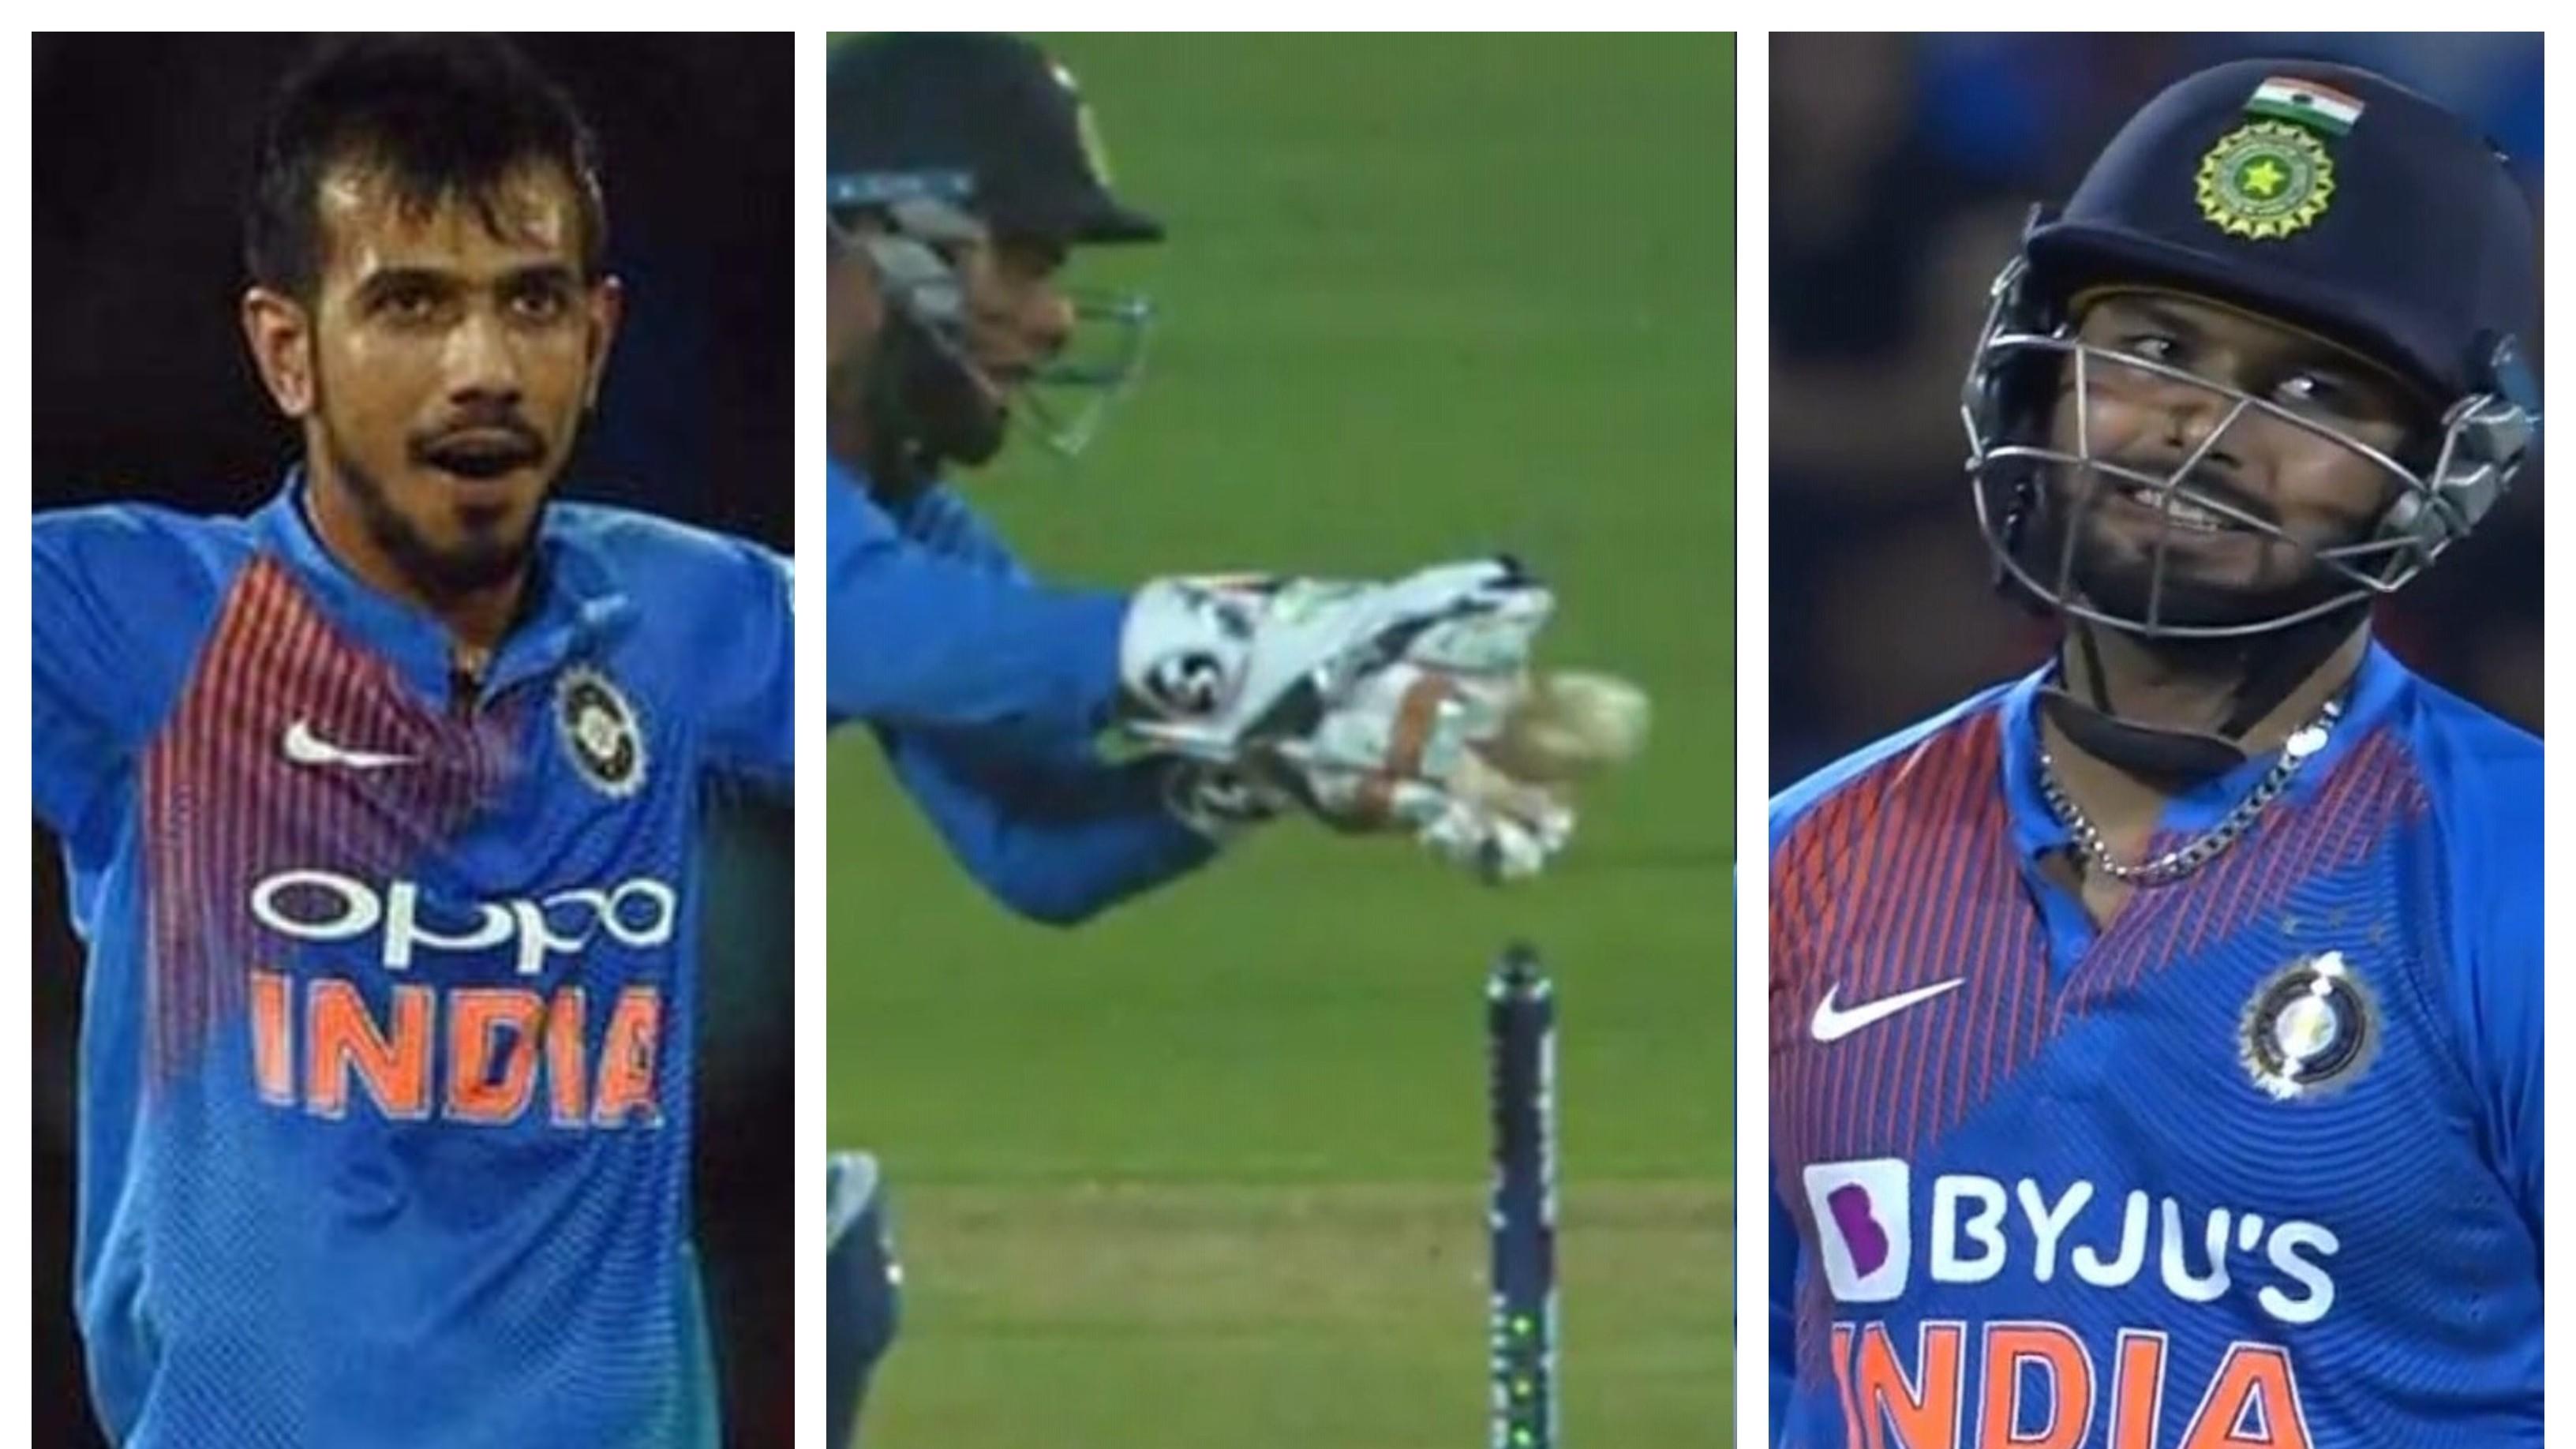 IND v BAN 2019: No